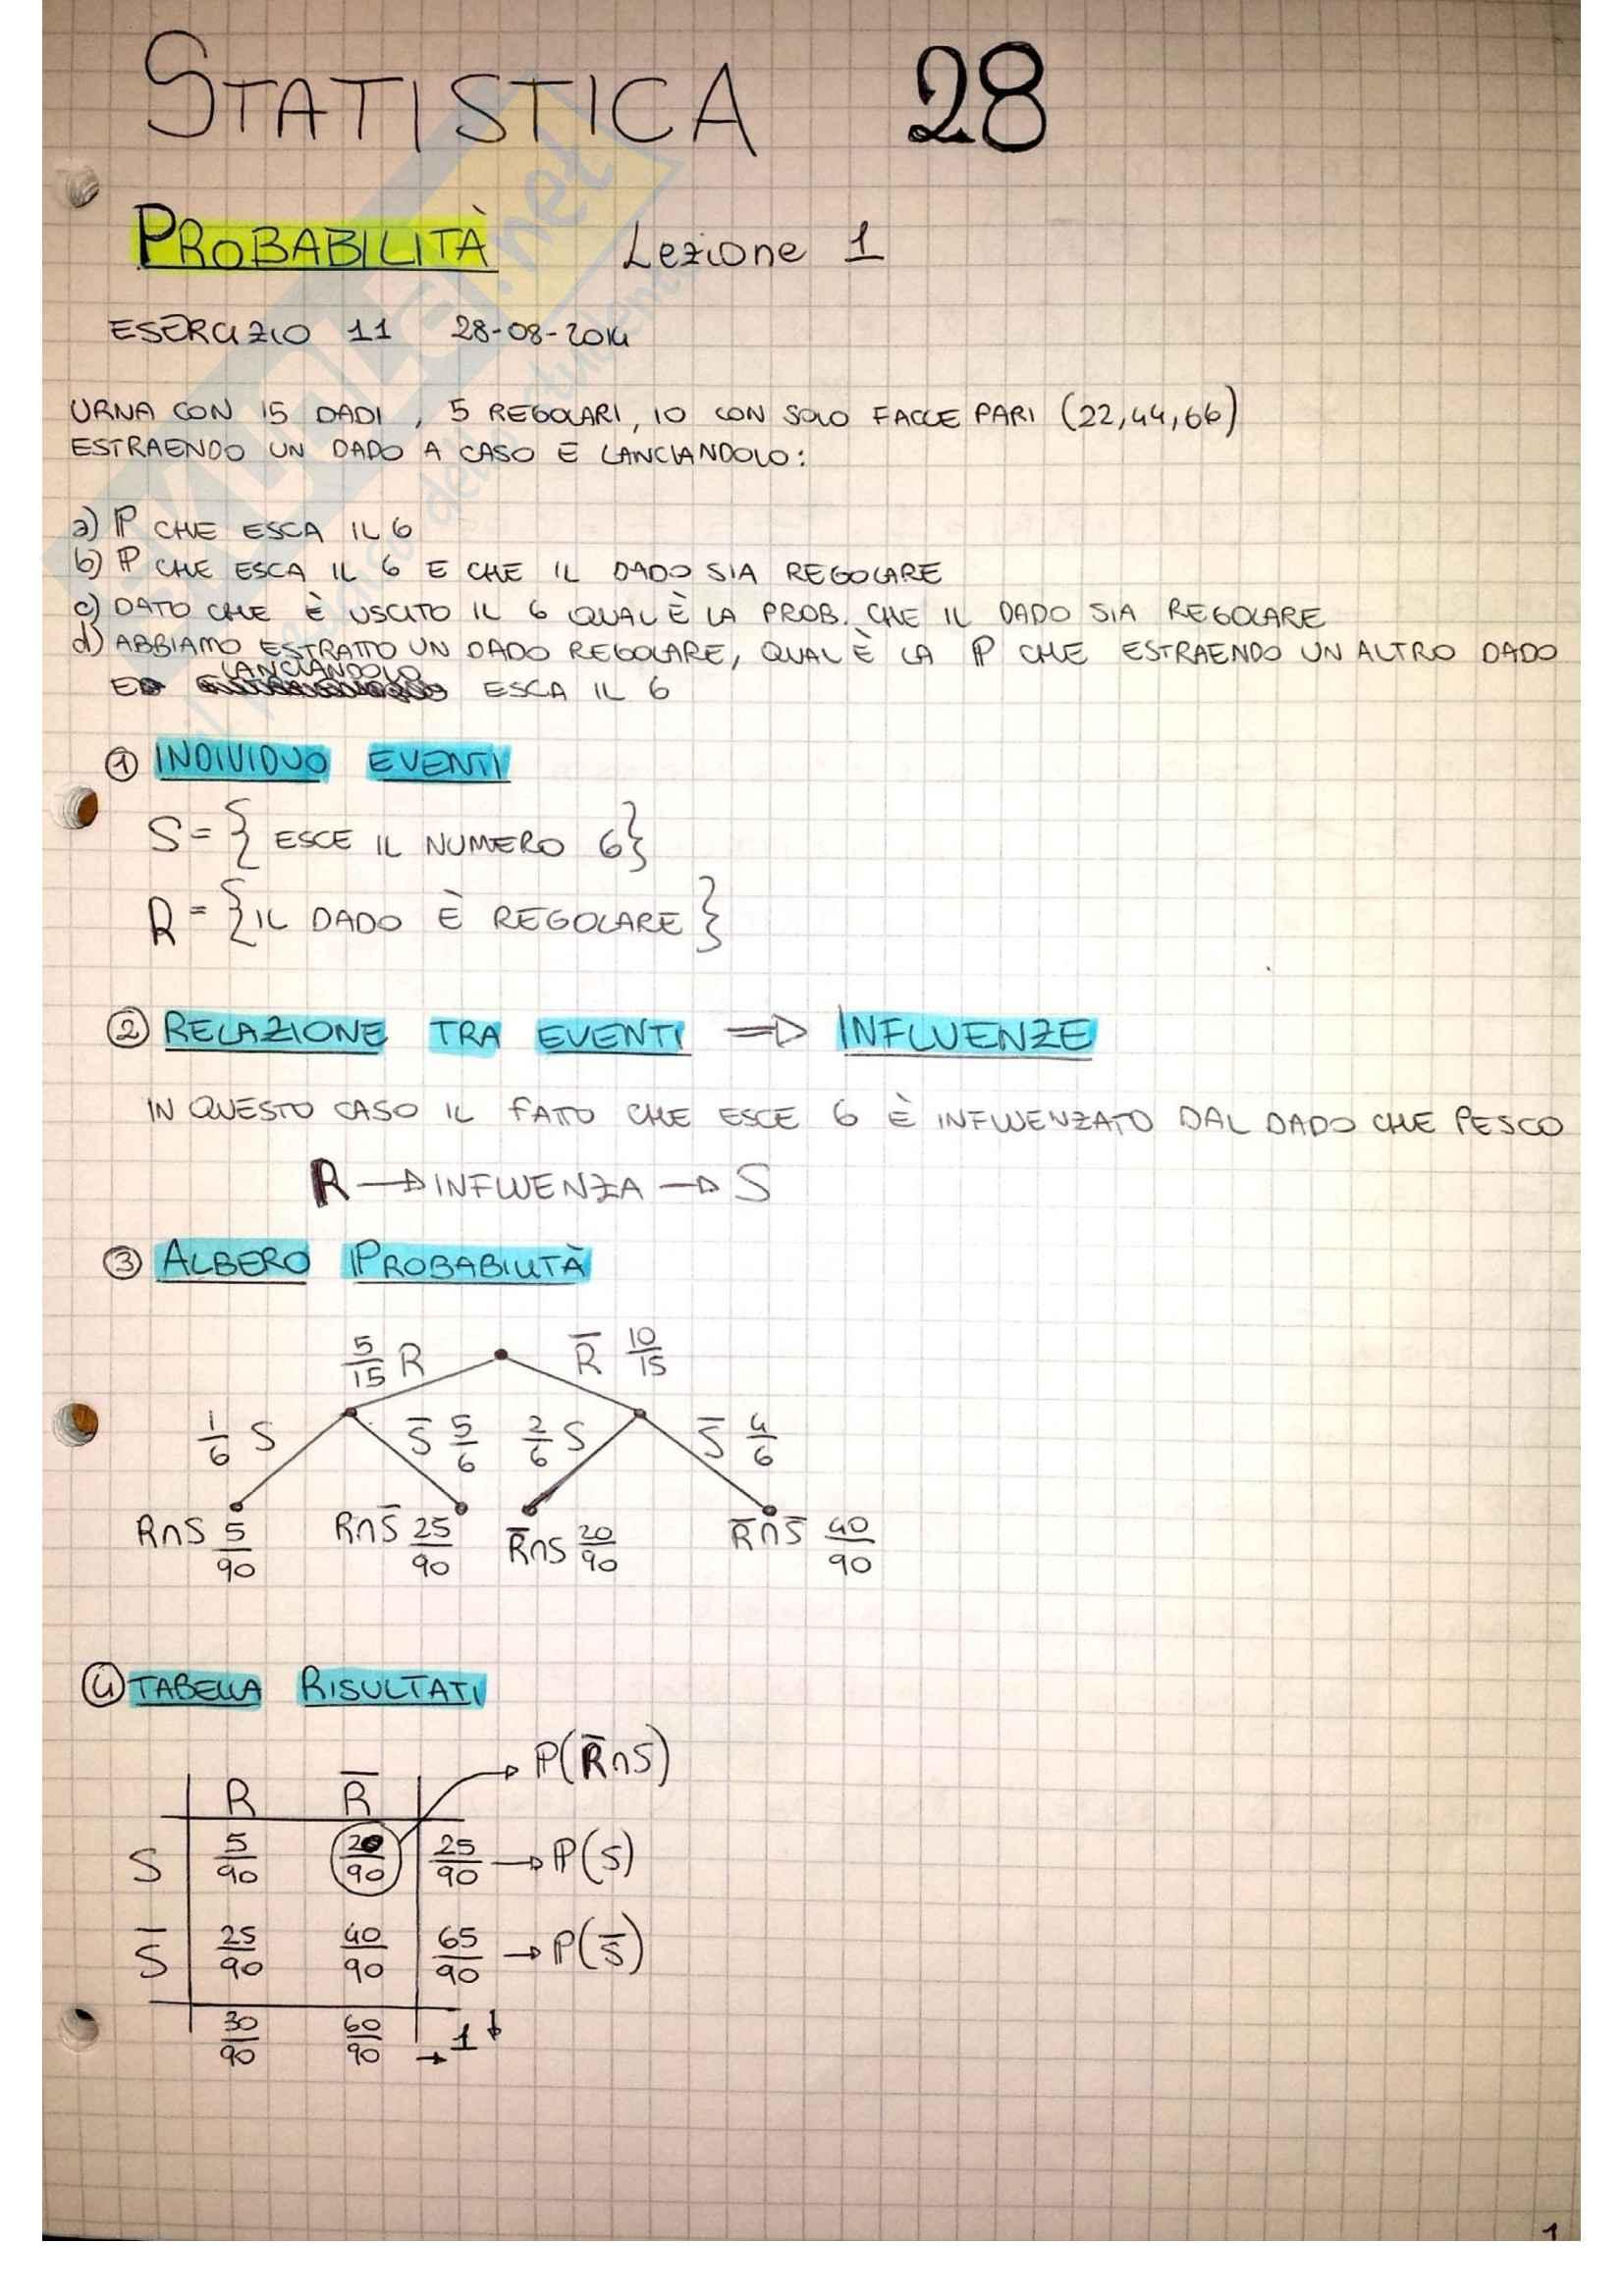 Statistica: Appunti, Riassunti Formule, Esercizi e Teoria